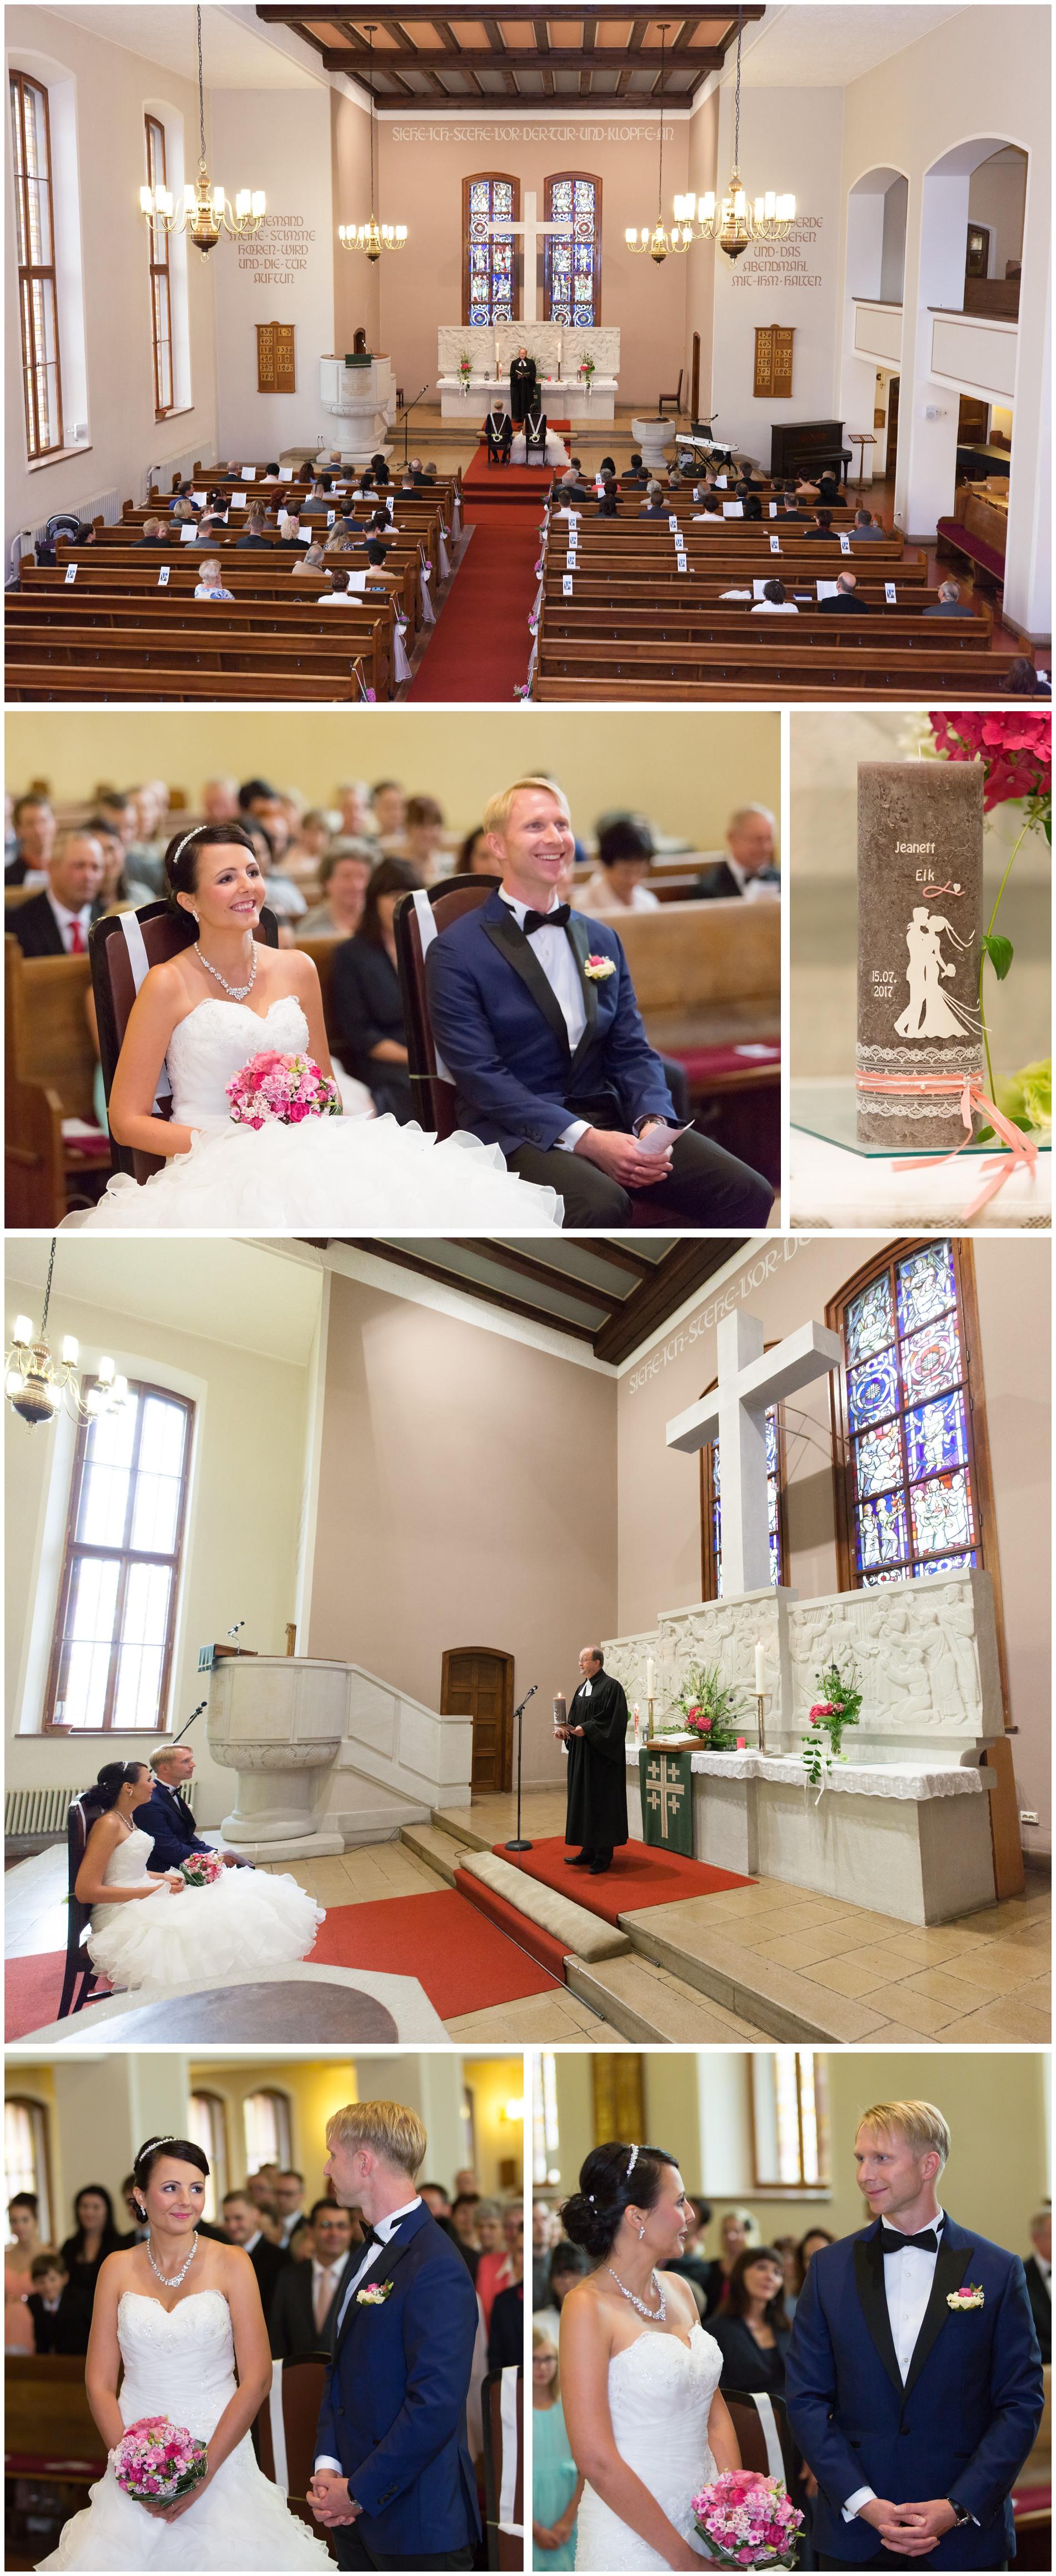 Brauerei Gutshof Wernesgrün Heiraten - Hochzeitsfotograf Stephanie Scharschmidt